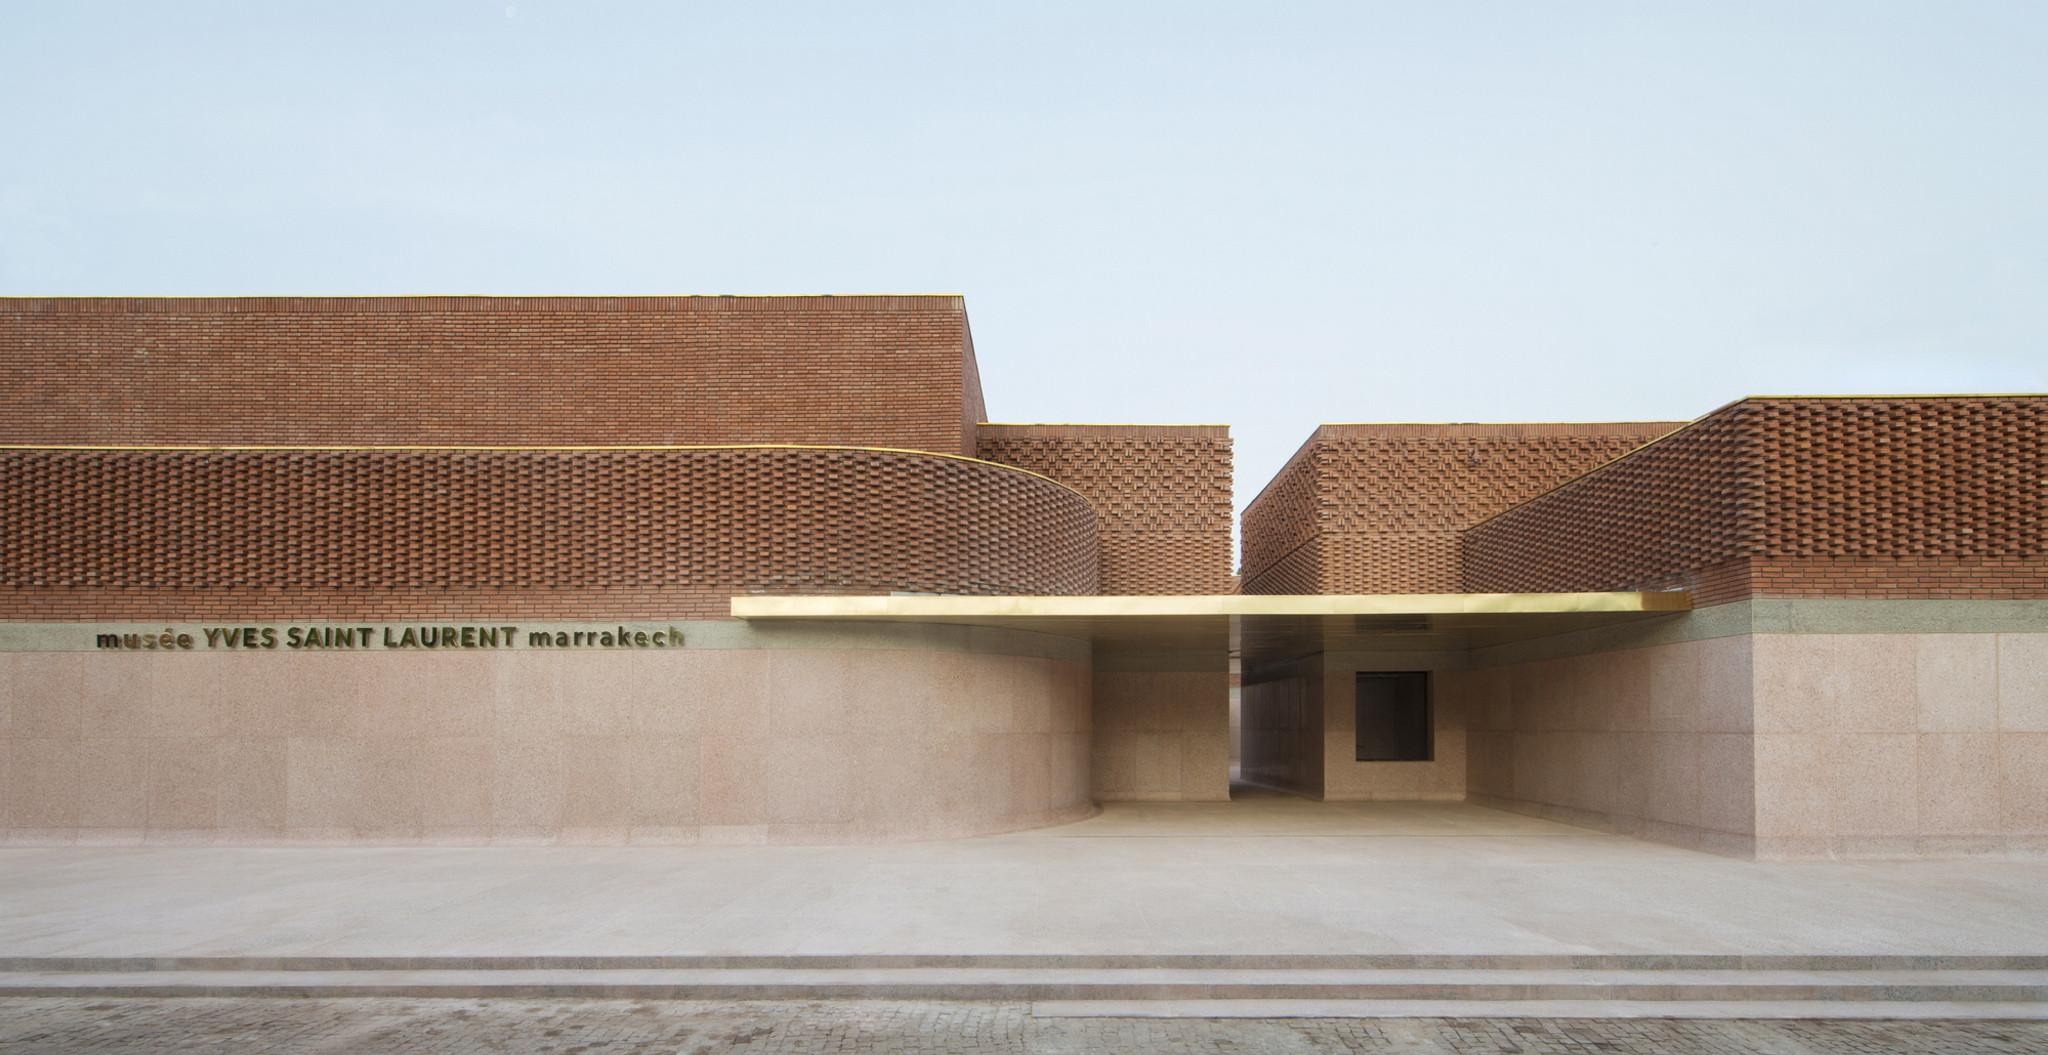 2048_musée yves saint laurent marrakech 2.jpg